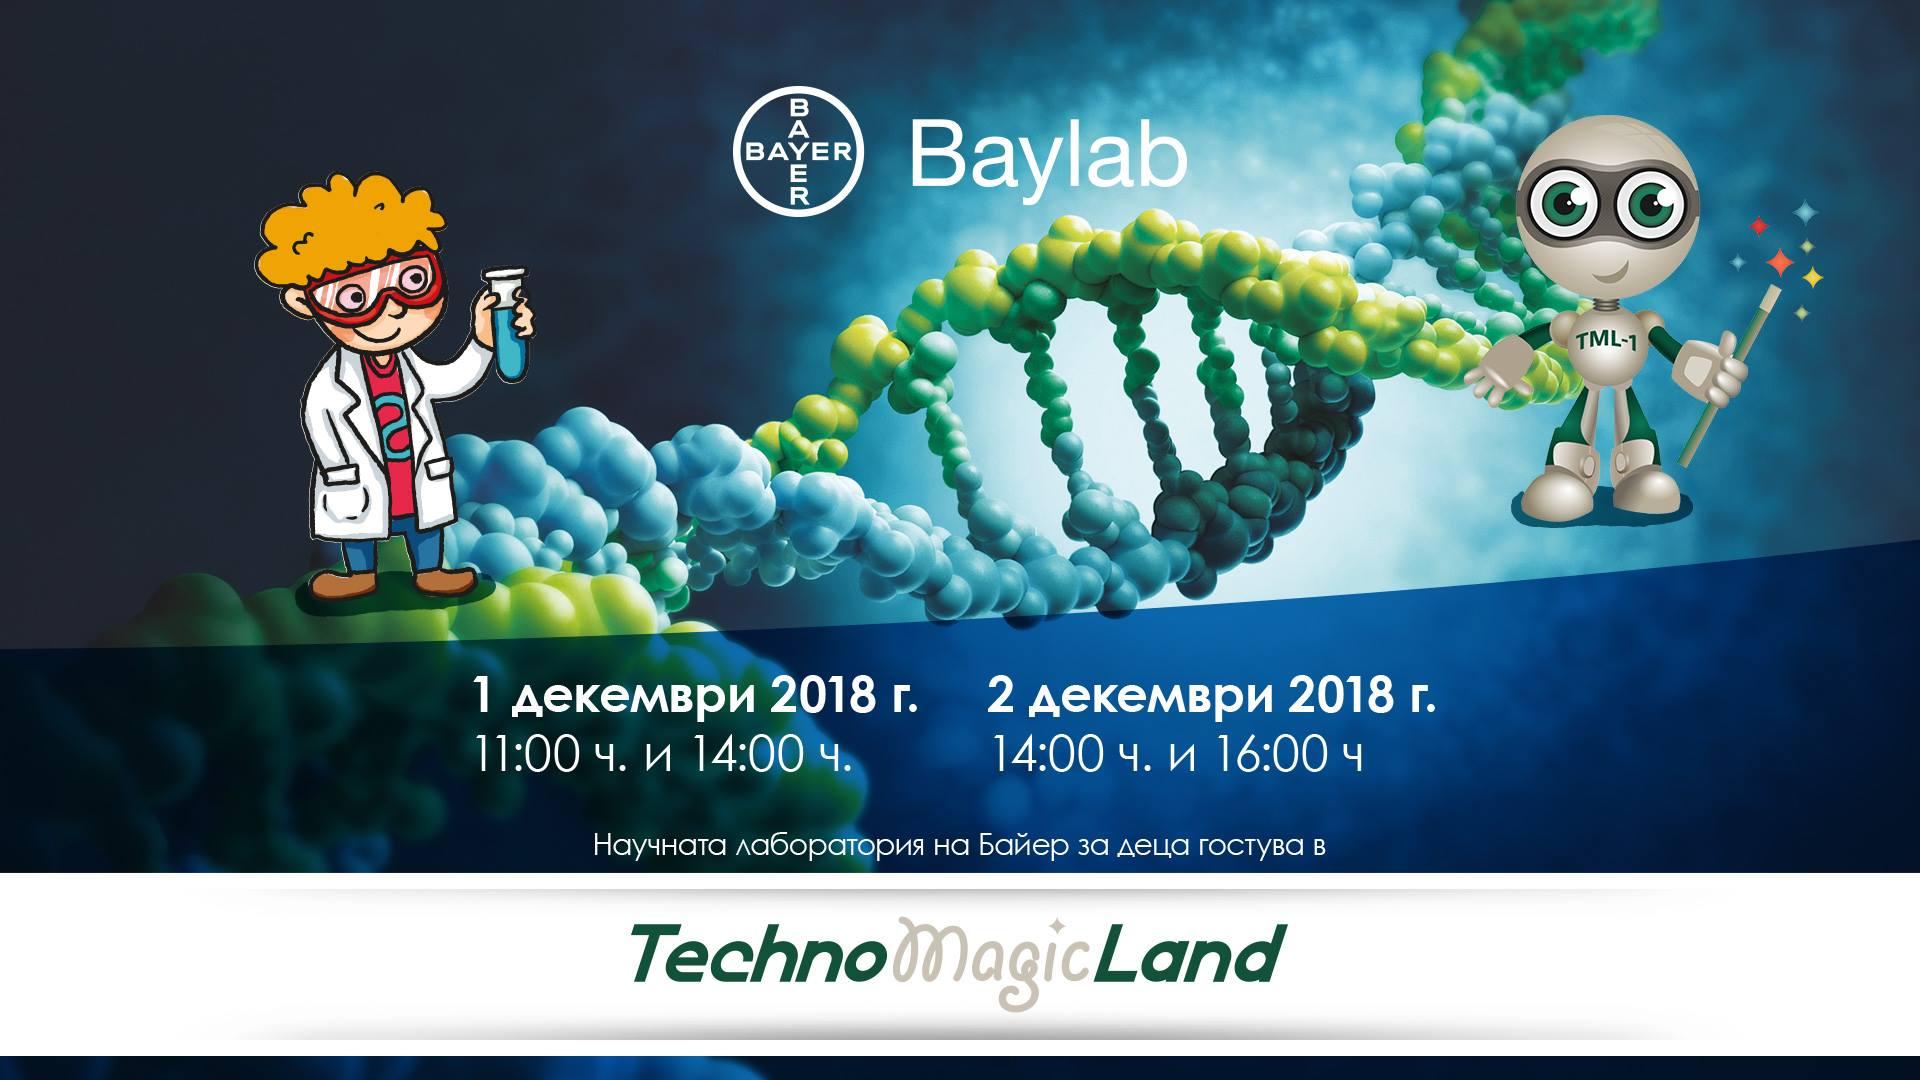 Научната лаборатория на Байер гостува на TechnoMagicLand през декември